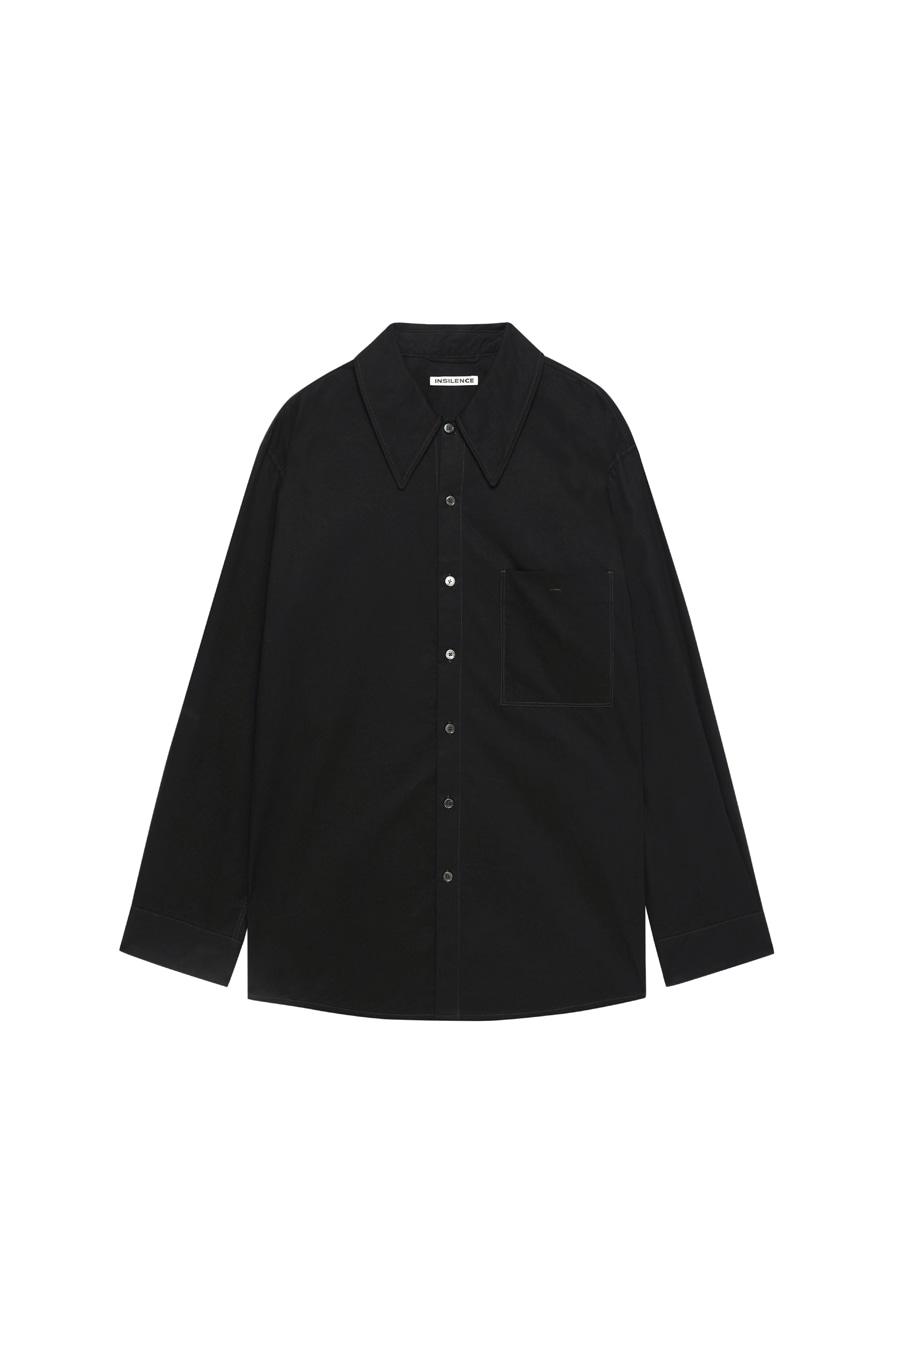 와이드 칼라 셔츠 BLACK